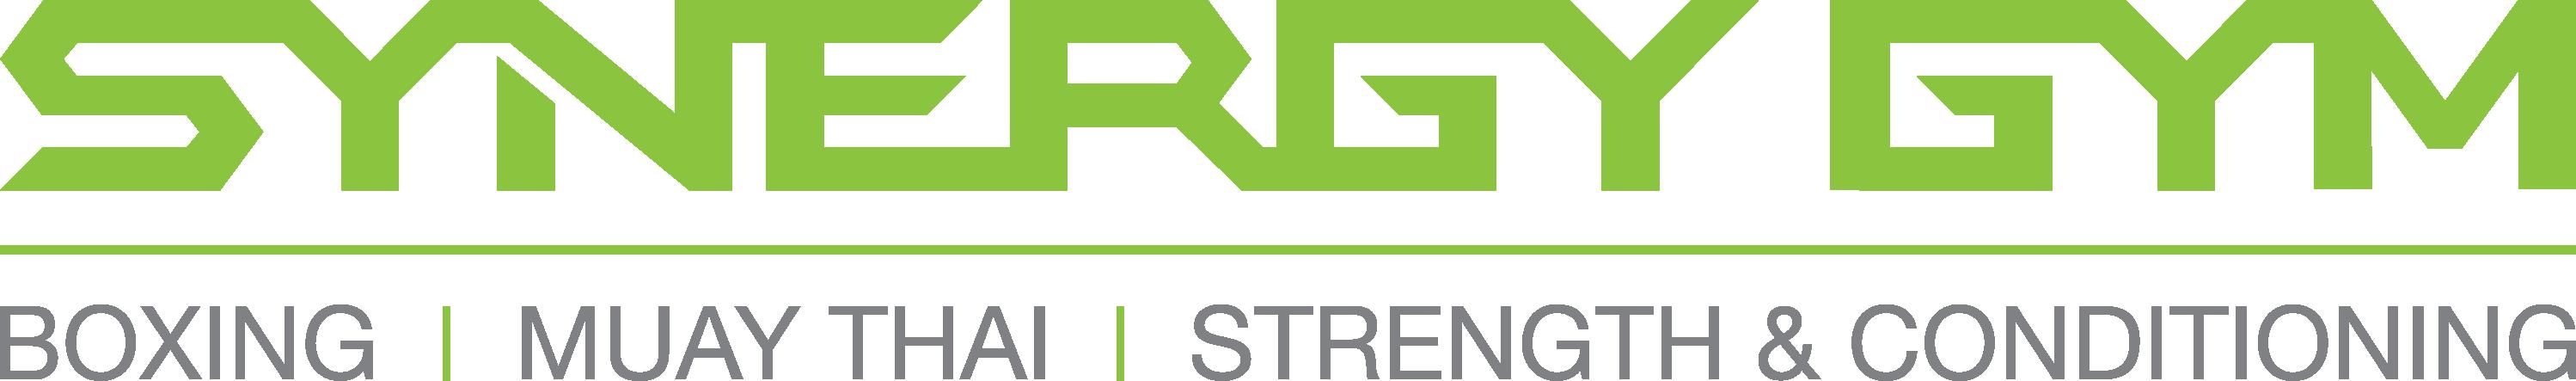 synergygym.com.au